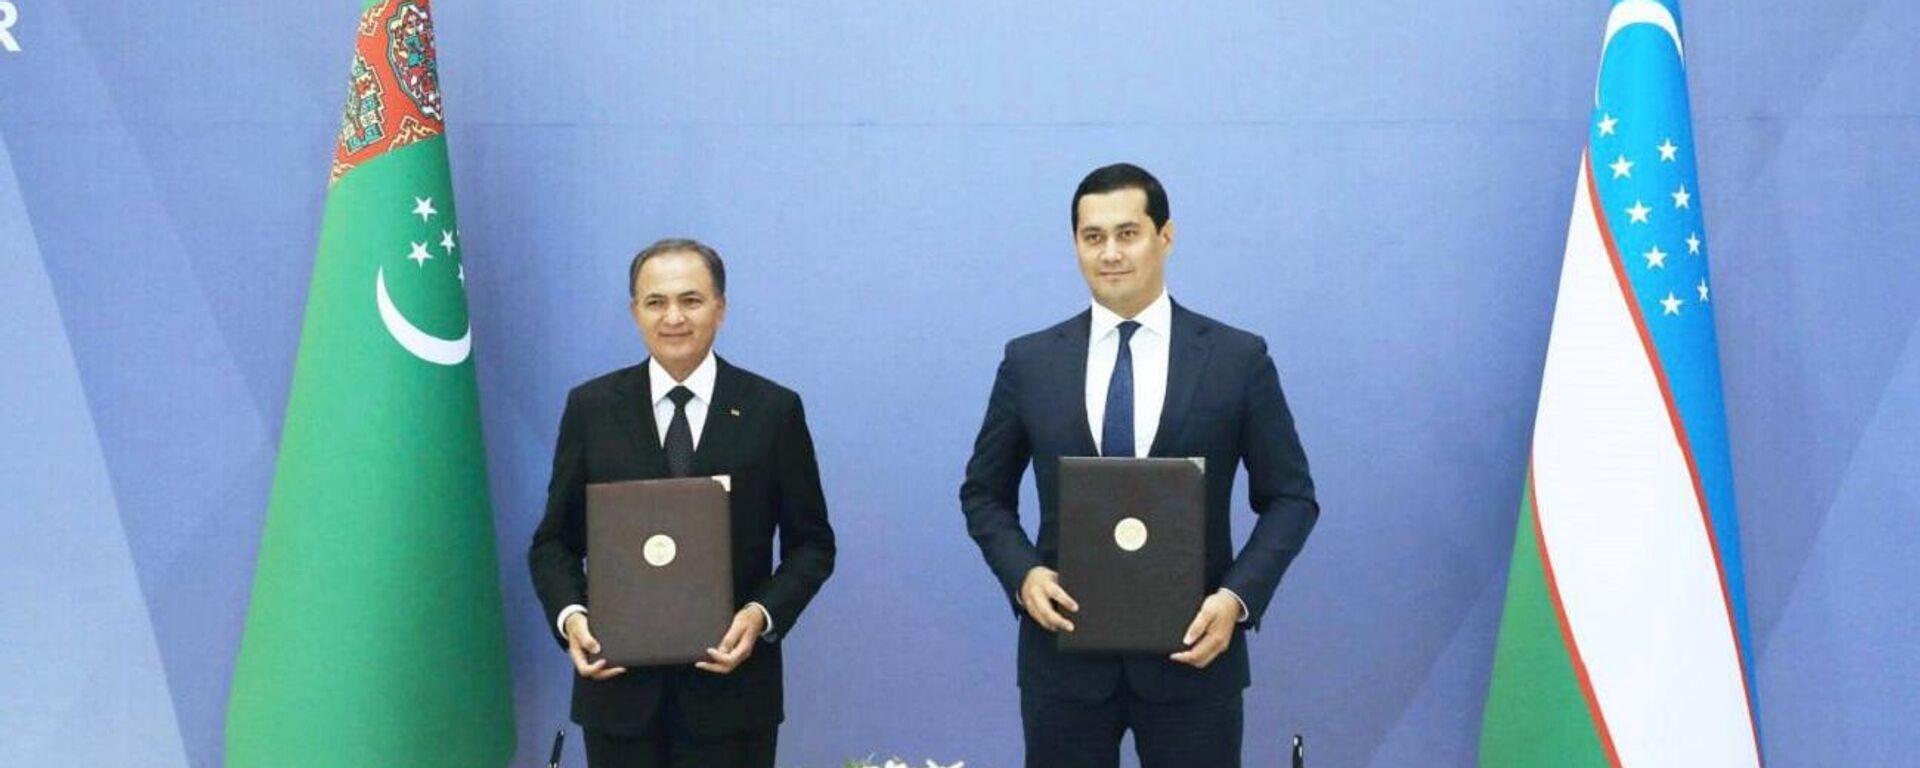 Узбекистан и Туркменистан рассчитывают подписать соглашение о создании и регулировании деятельности зоны приграничной торговли. - Sputnik Ўзбекистон, 1920, 15.09.2021